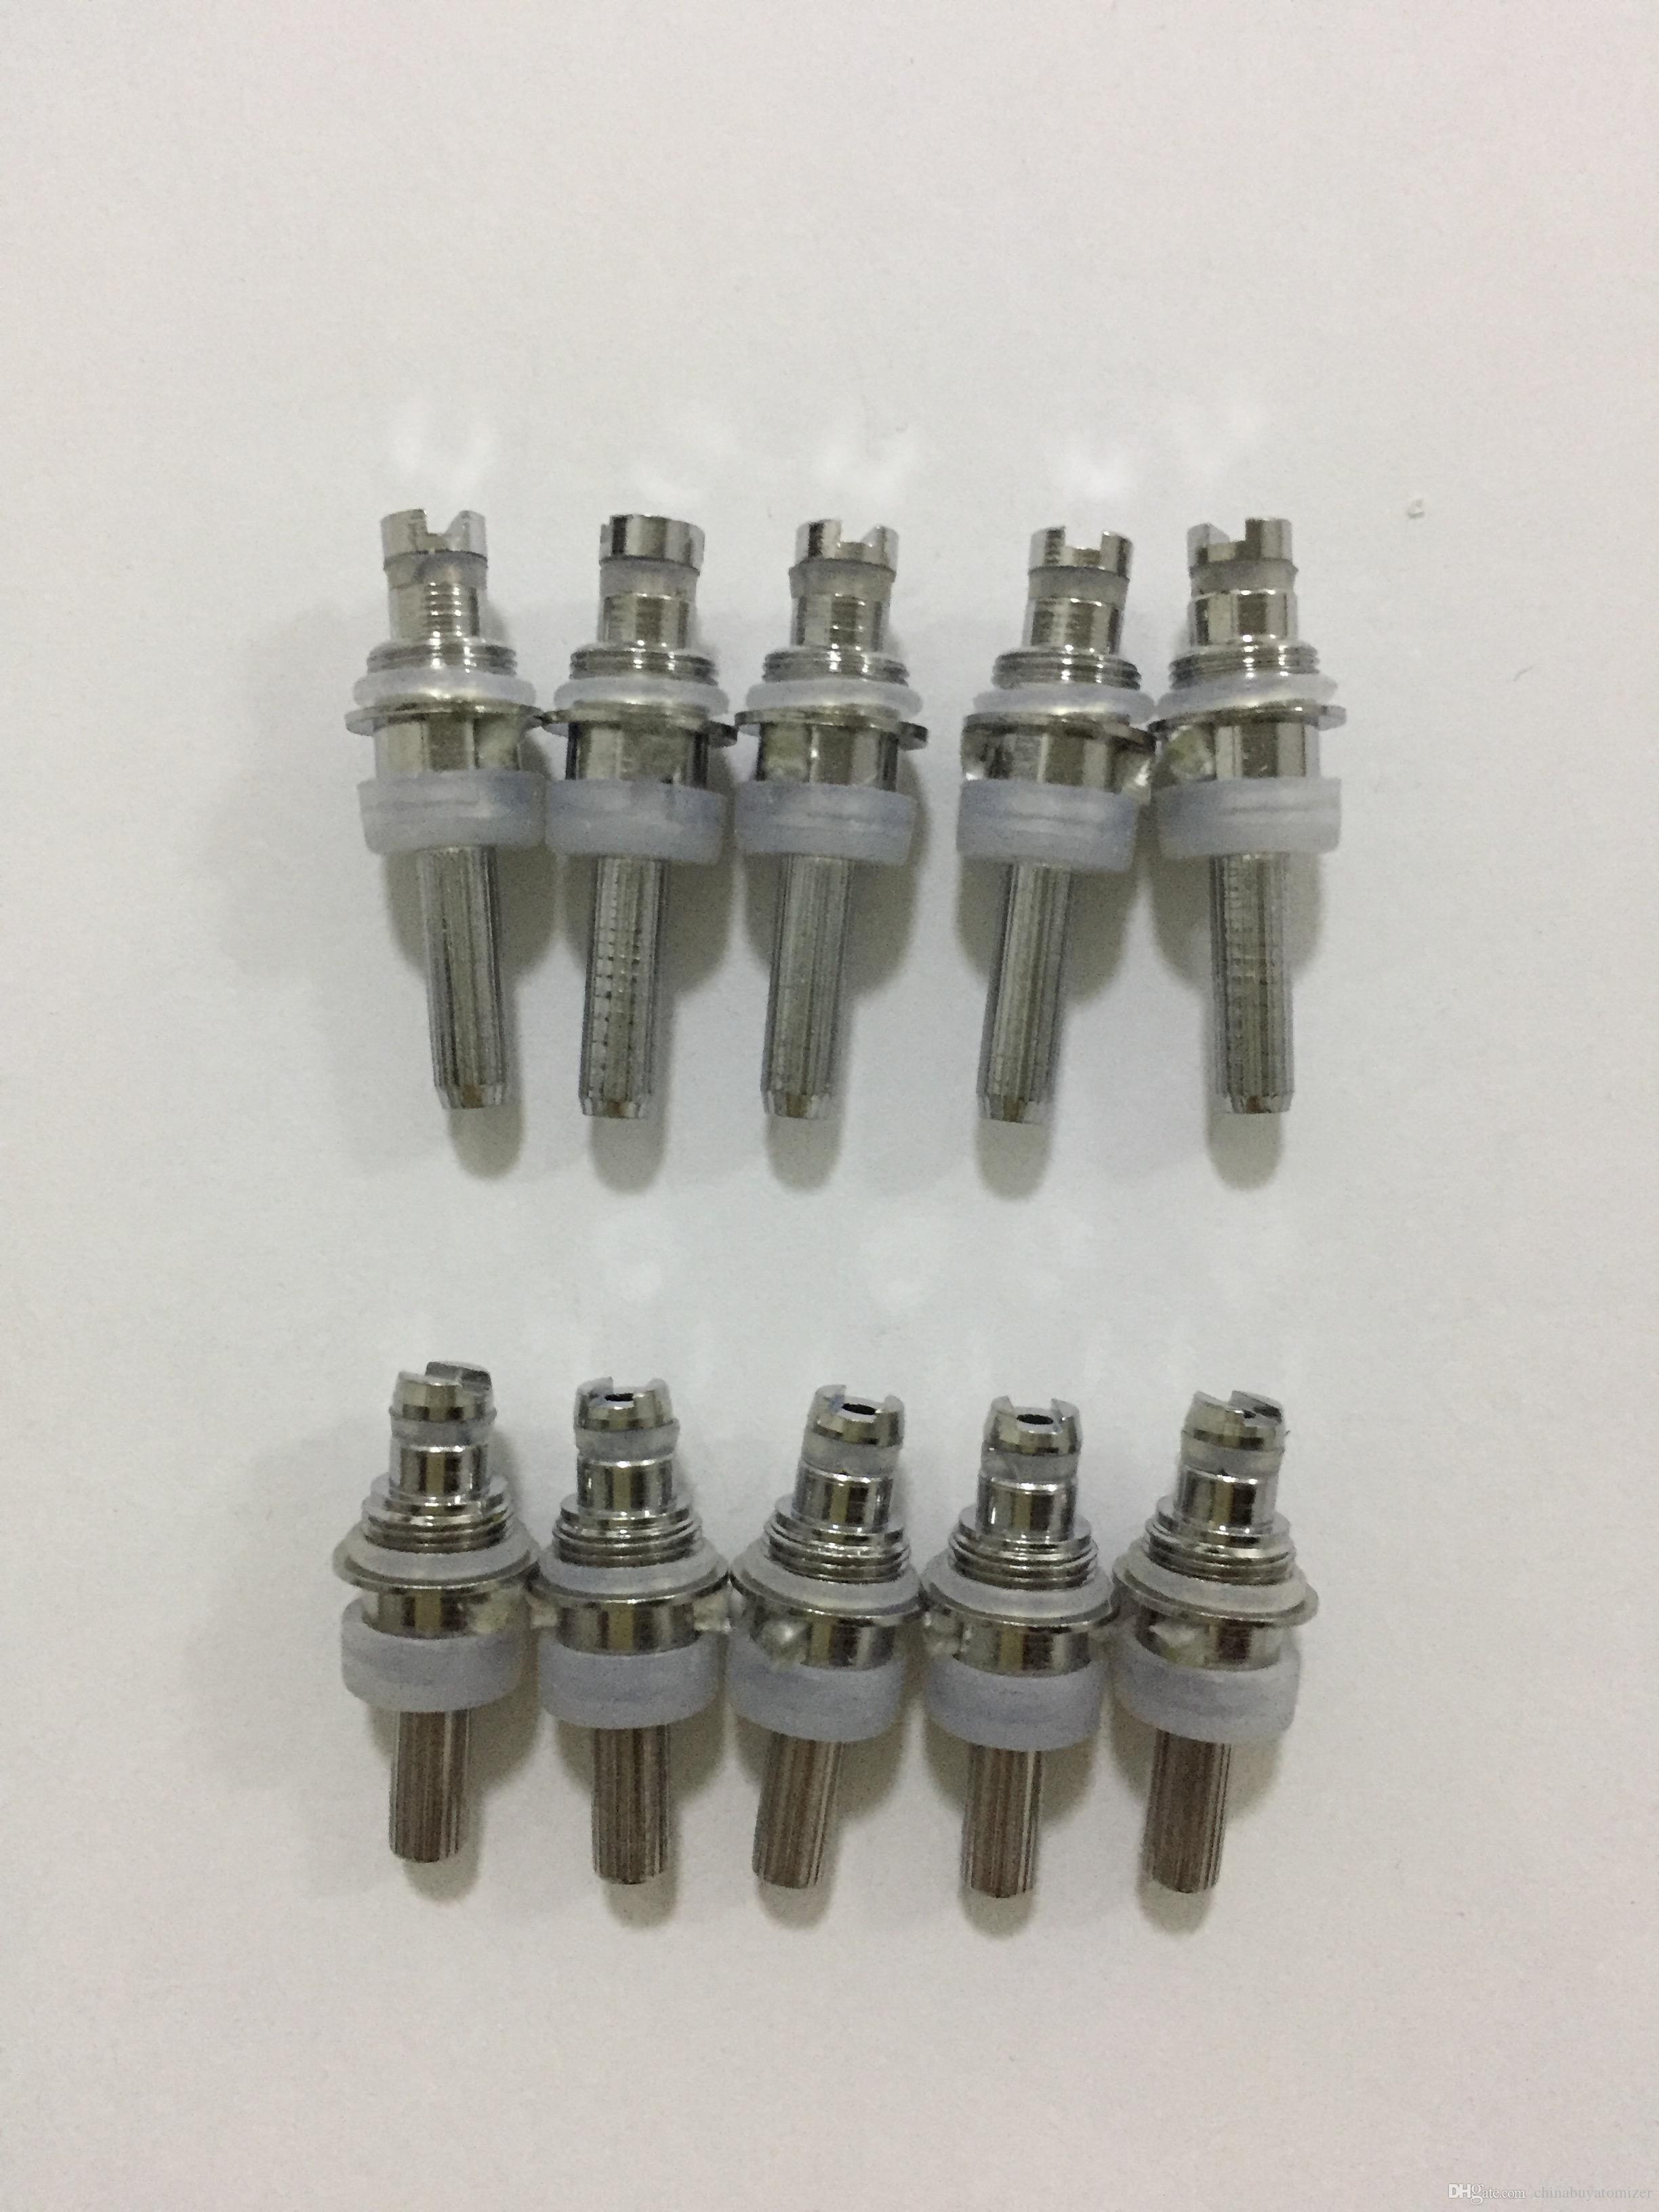 Evod Atomzier Core Coil Head MT3 Evod Electronic Sigarette Atomizzatore Clearomizer Cuore di ricambio MT3 GS-H2 Mini Panta X9